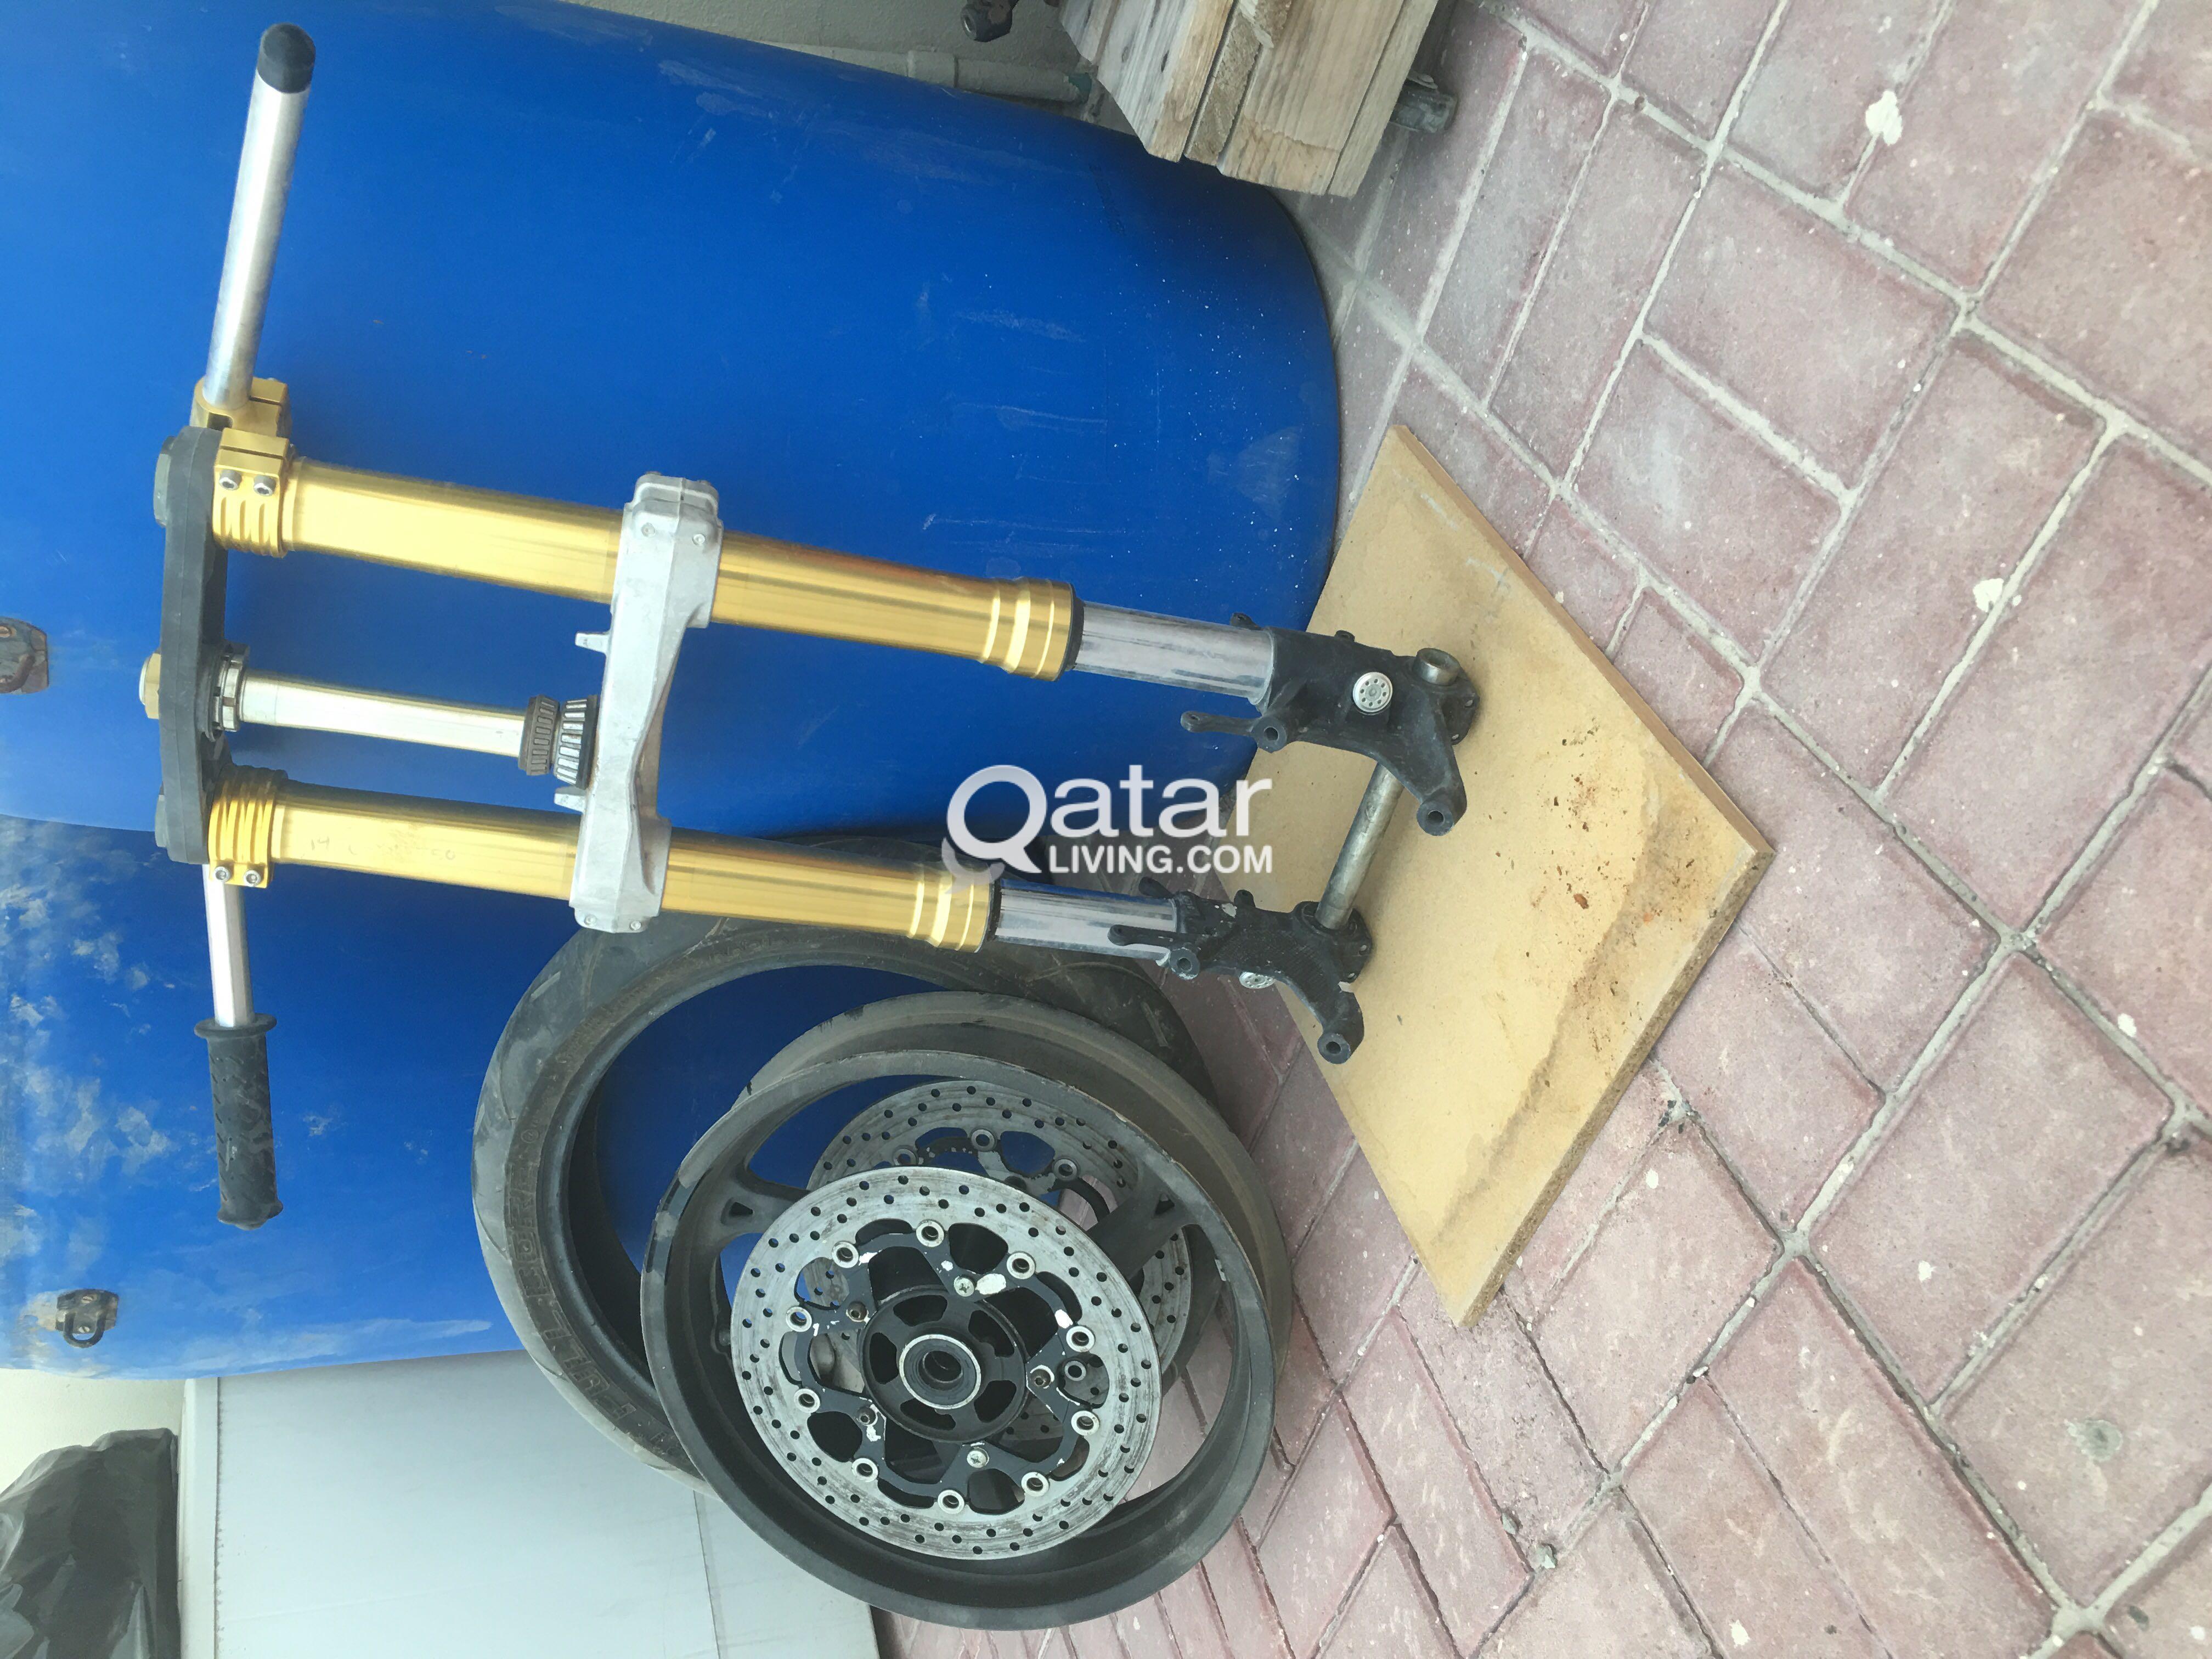 2014 Suzuki GSXR 750 front end fork assembly | Qatar Living